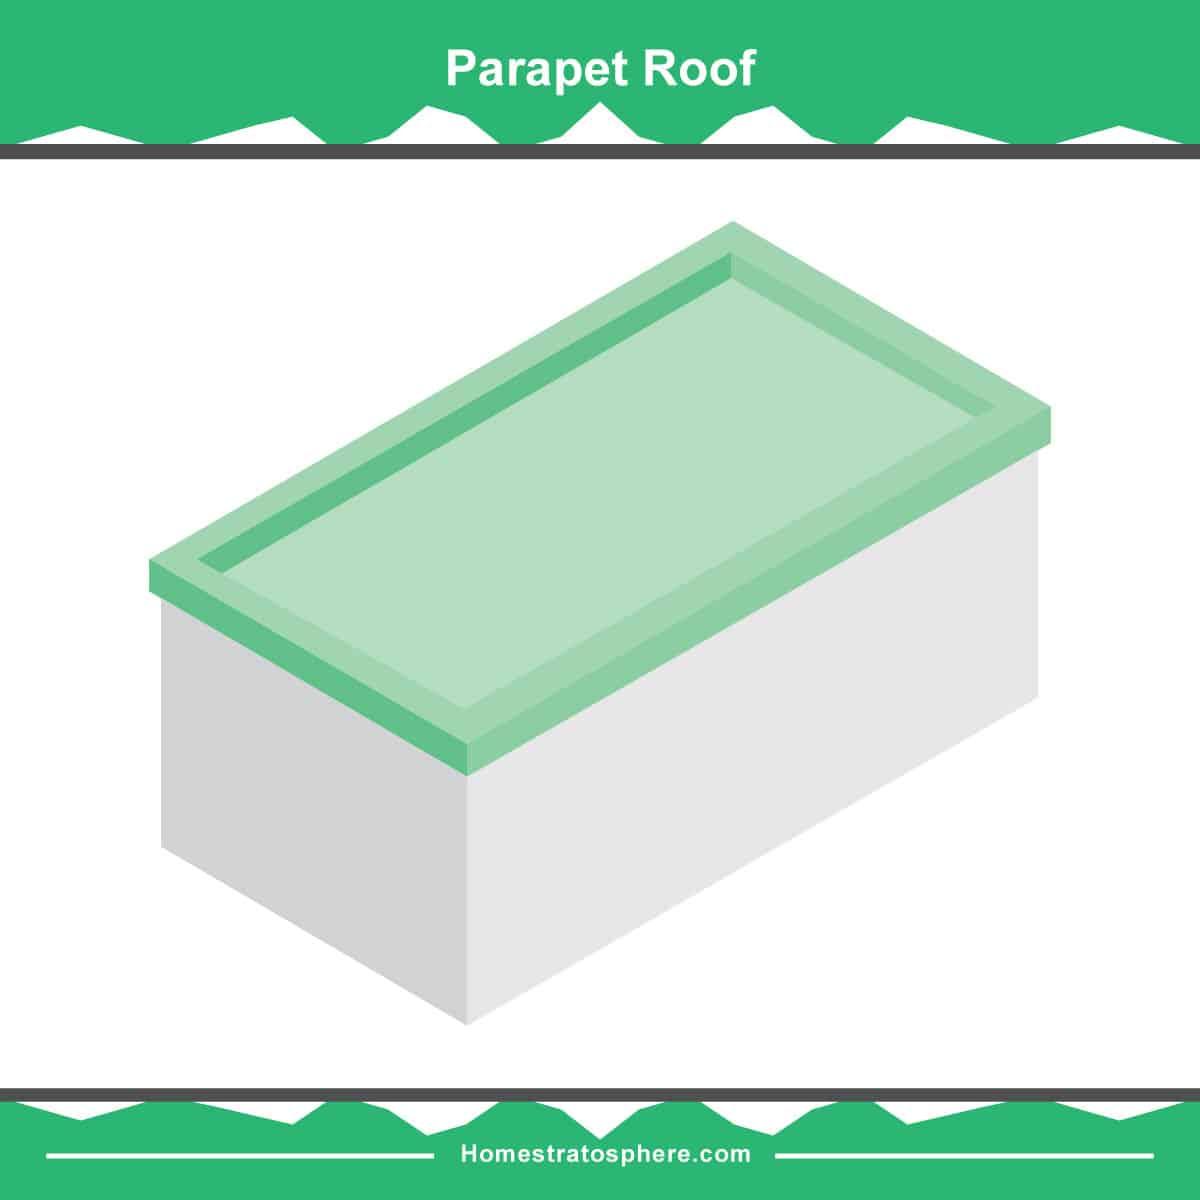 Parapet roof diagram